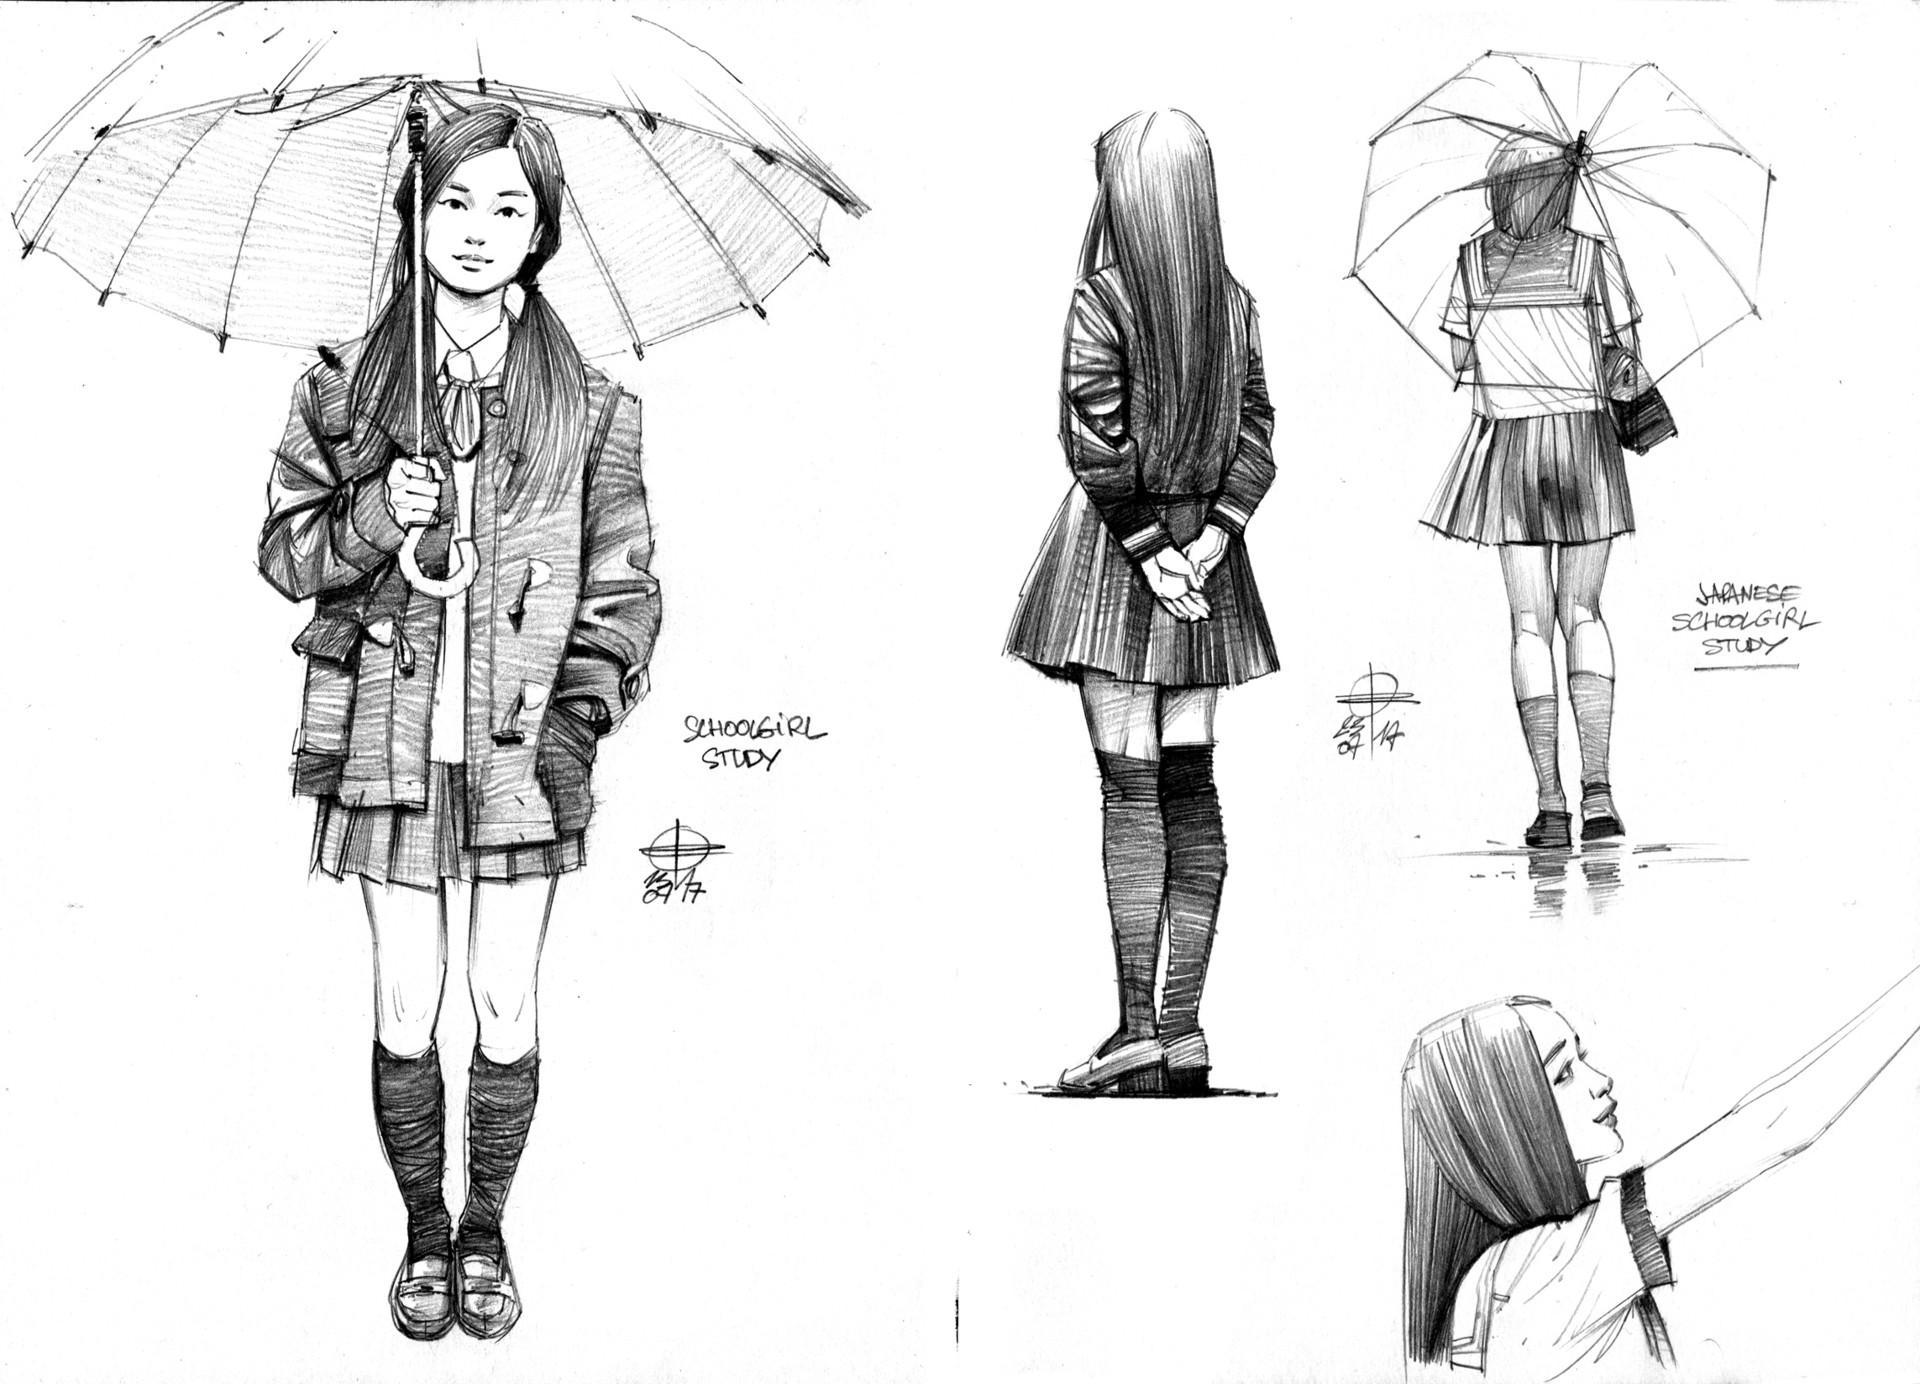 Renaud roche sketchbook02